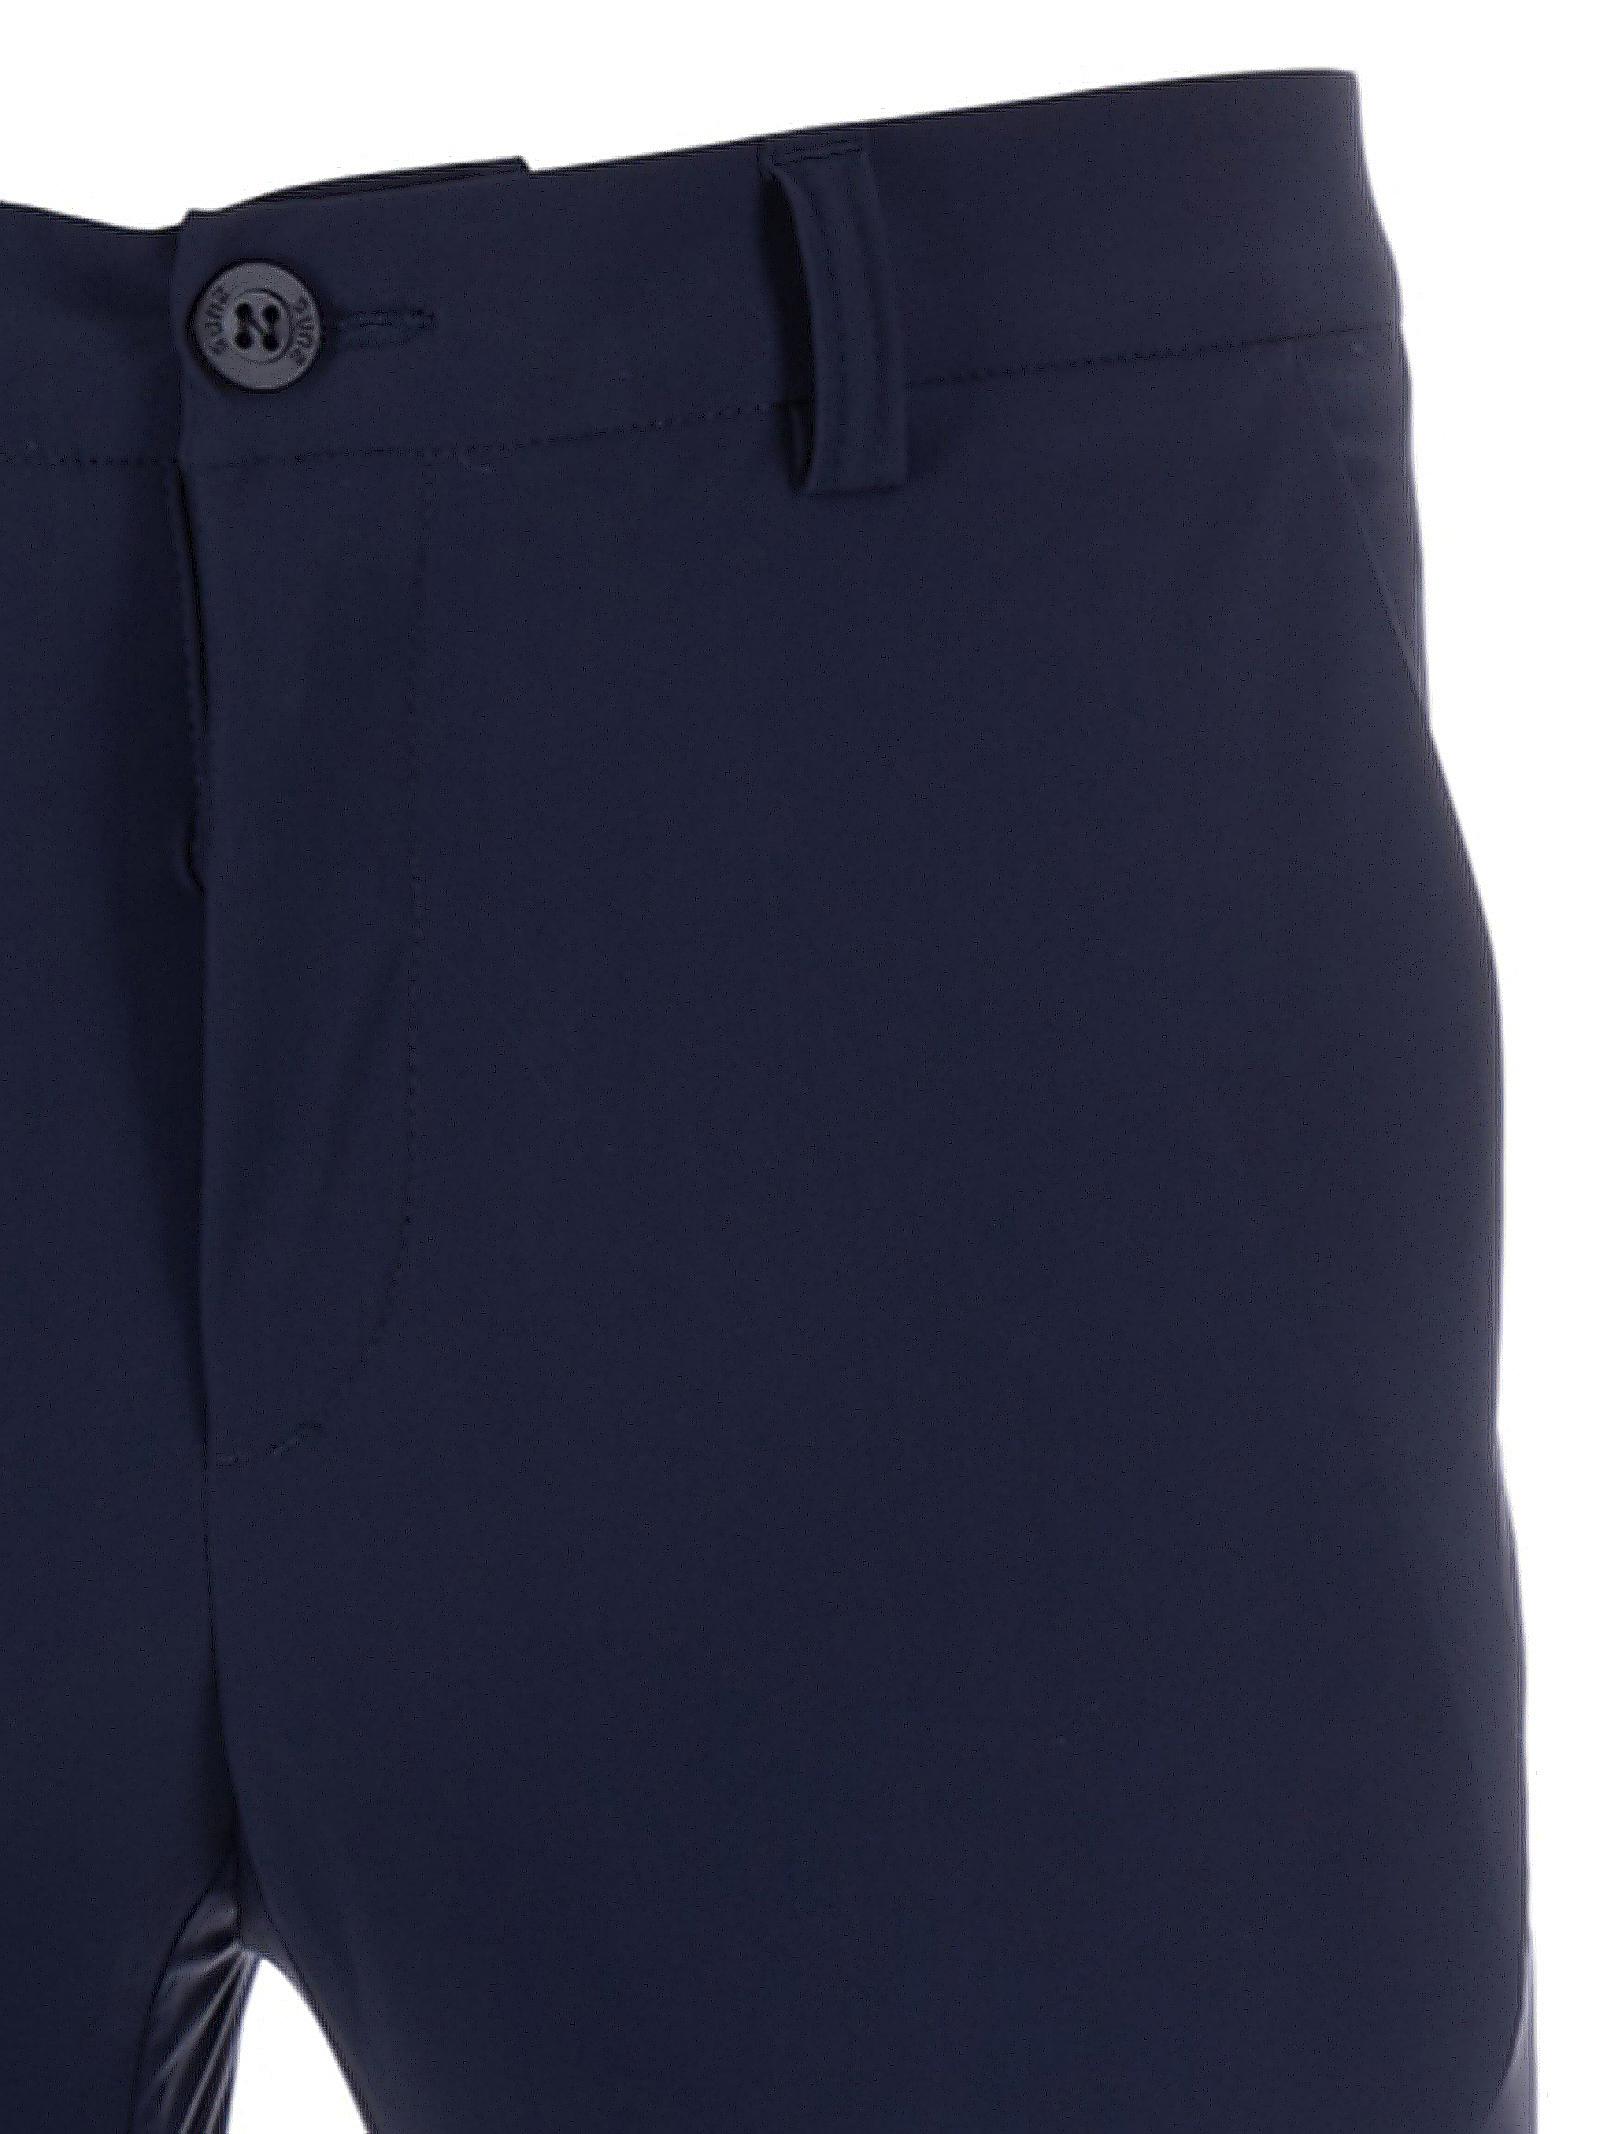 Suns Pantalone PTS11002U